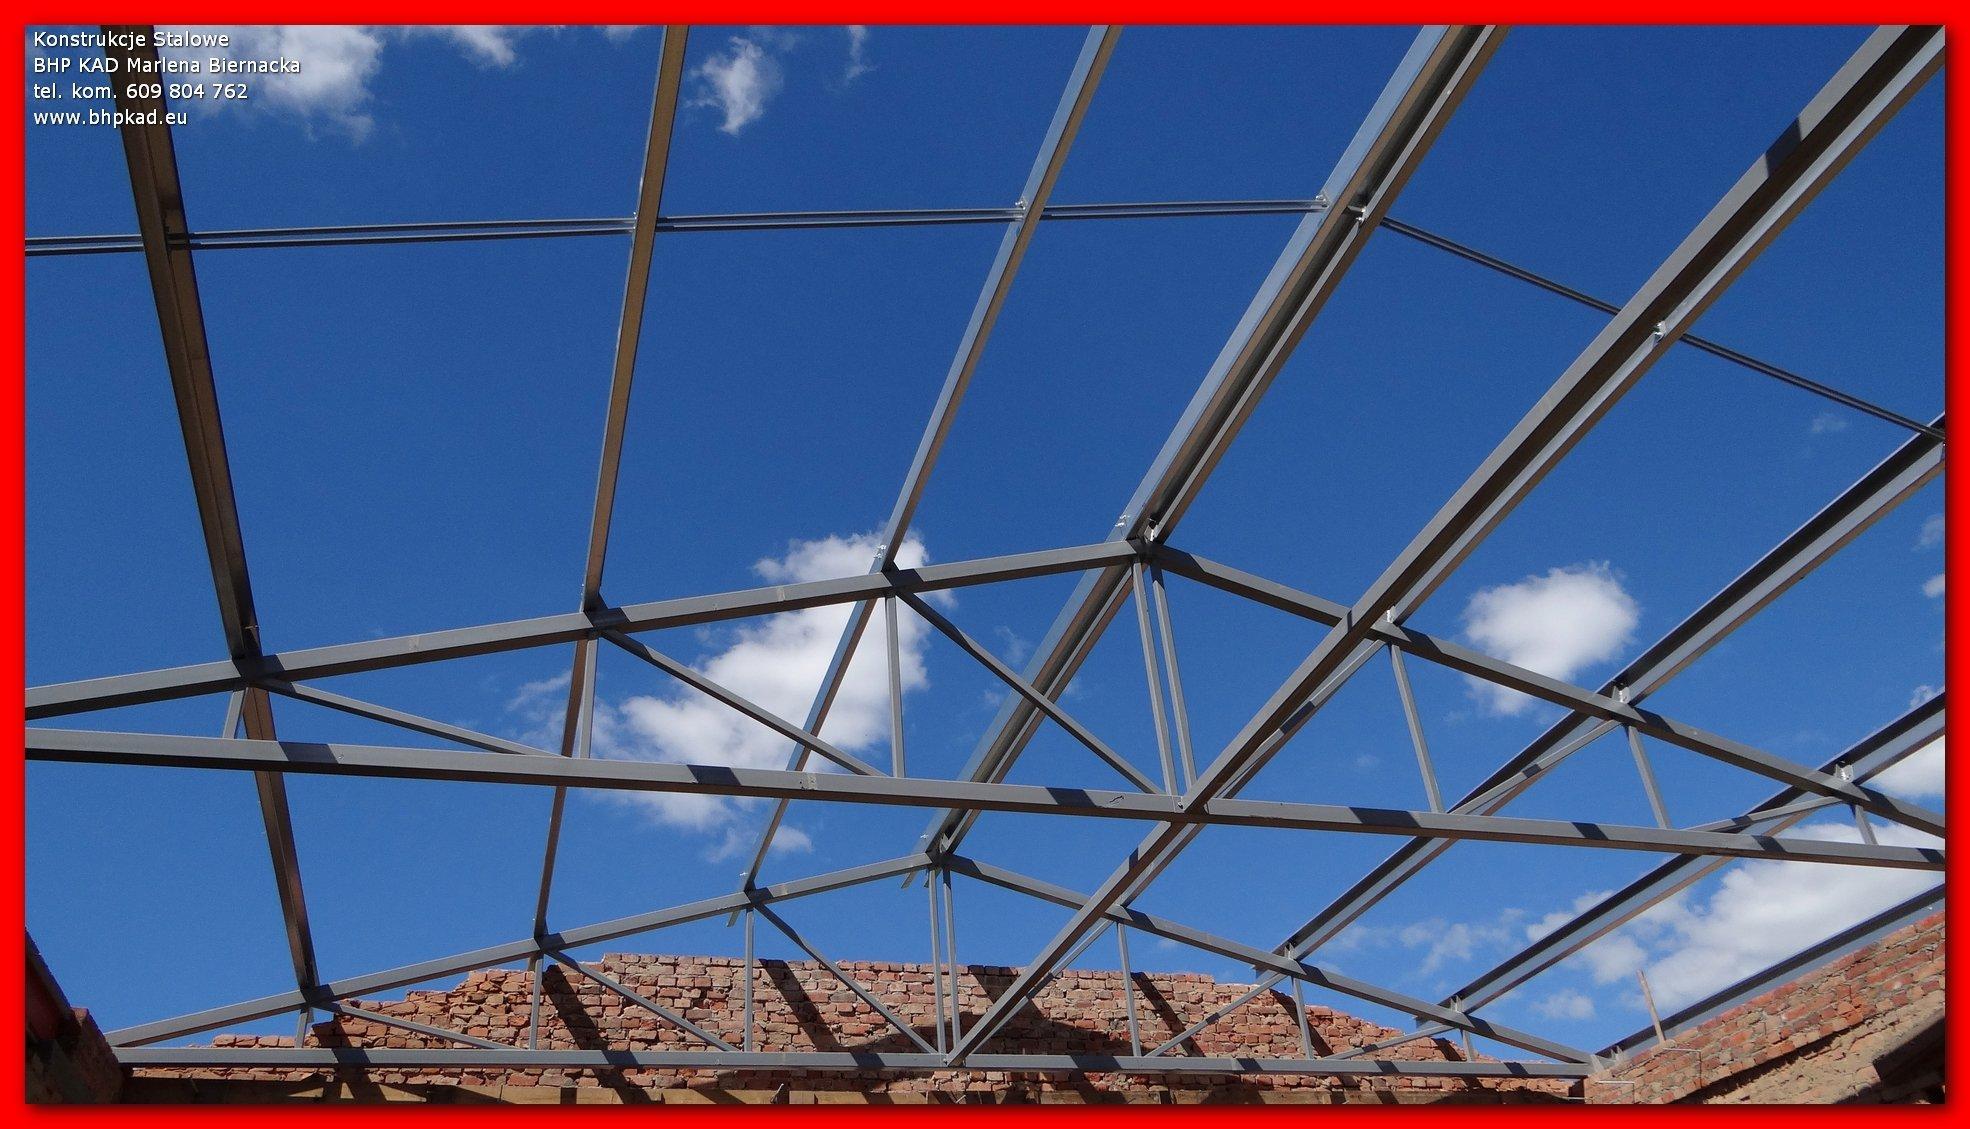 Niewiarygodnie dachowe konstrukcje w Oficjalnym Archiwum Allegro - archiwum ofert HE17